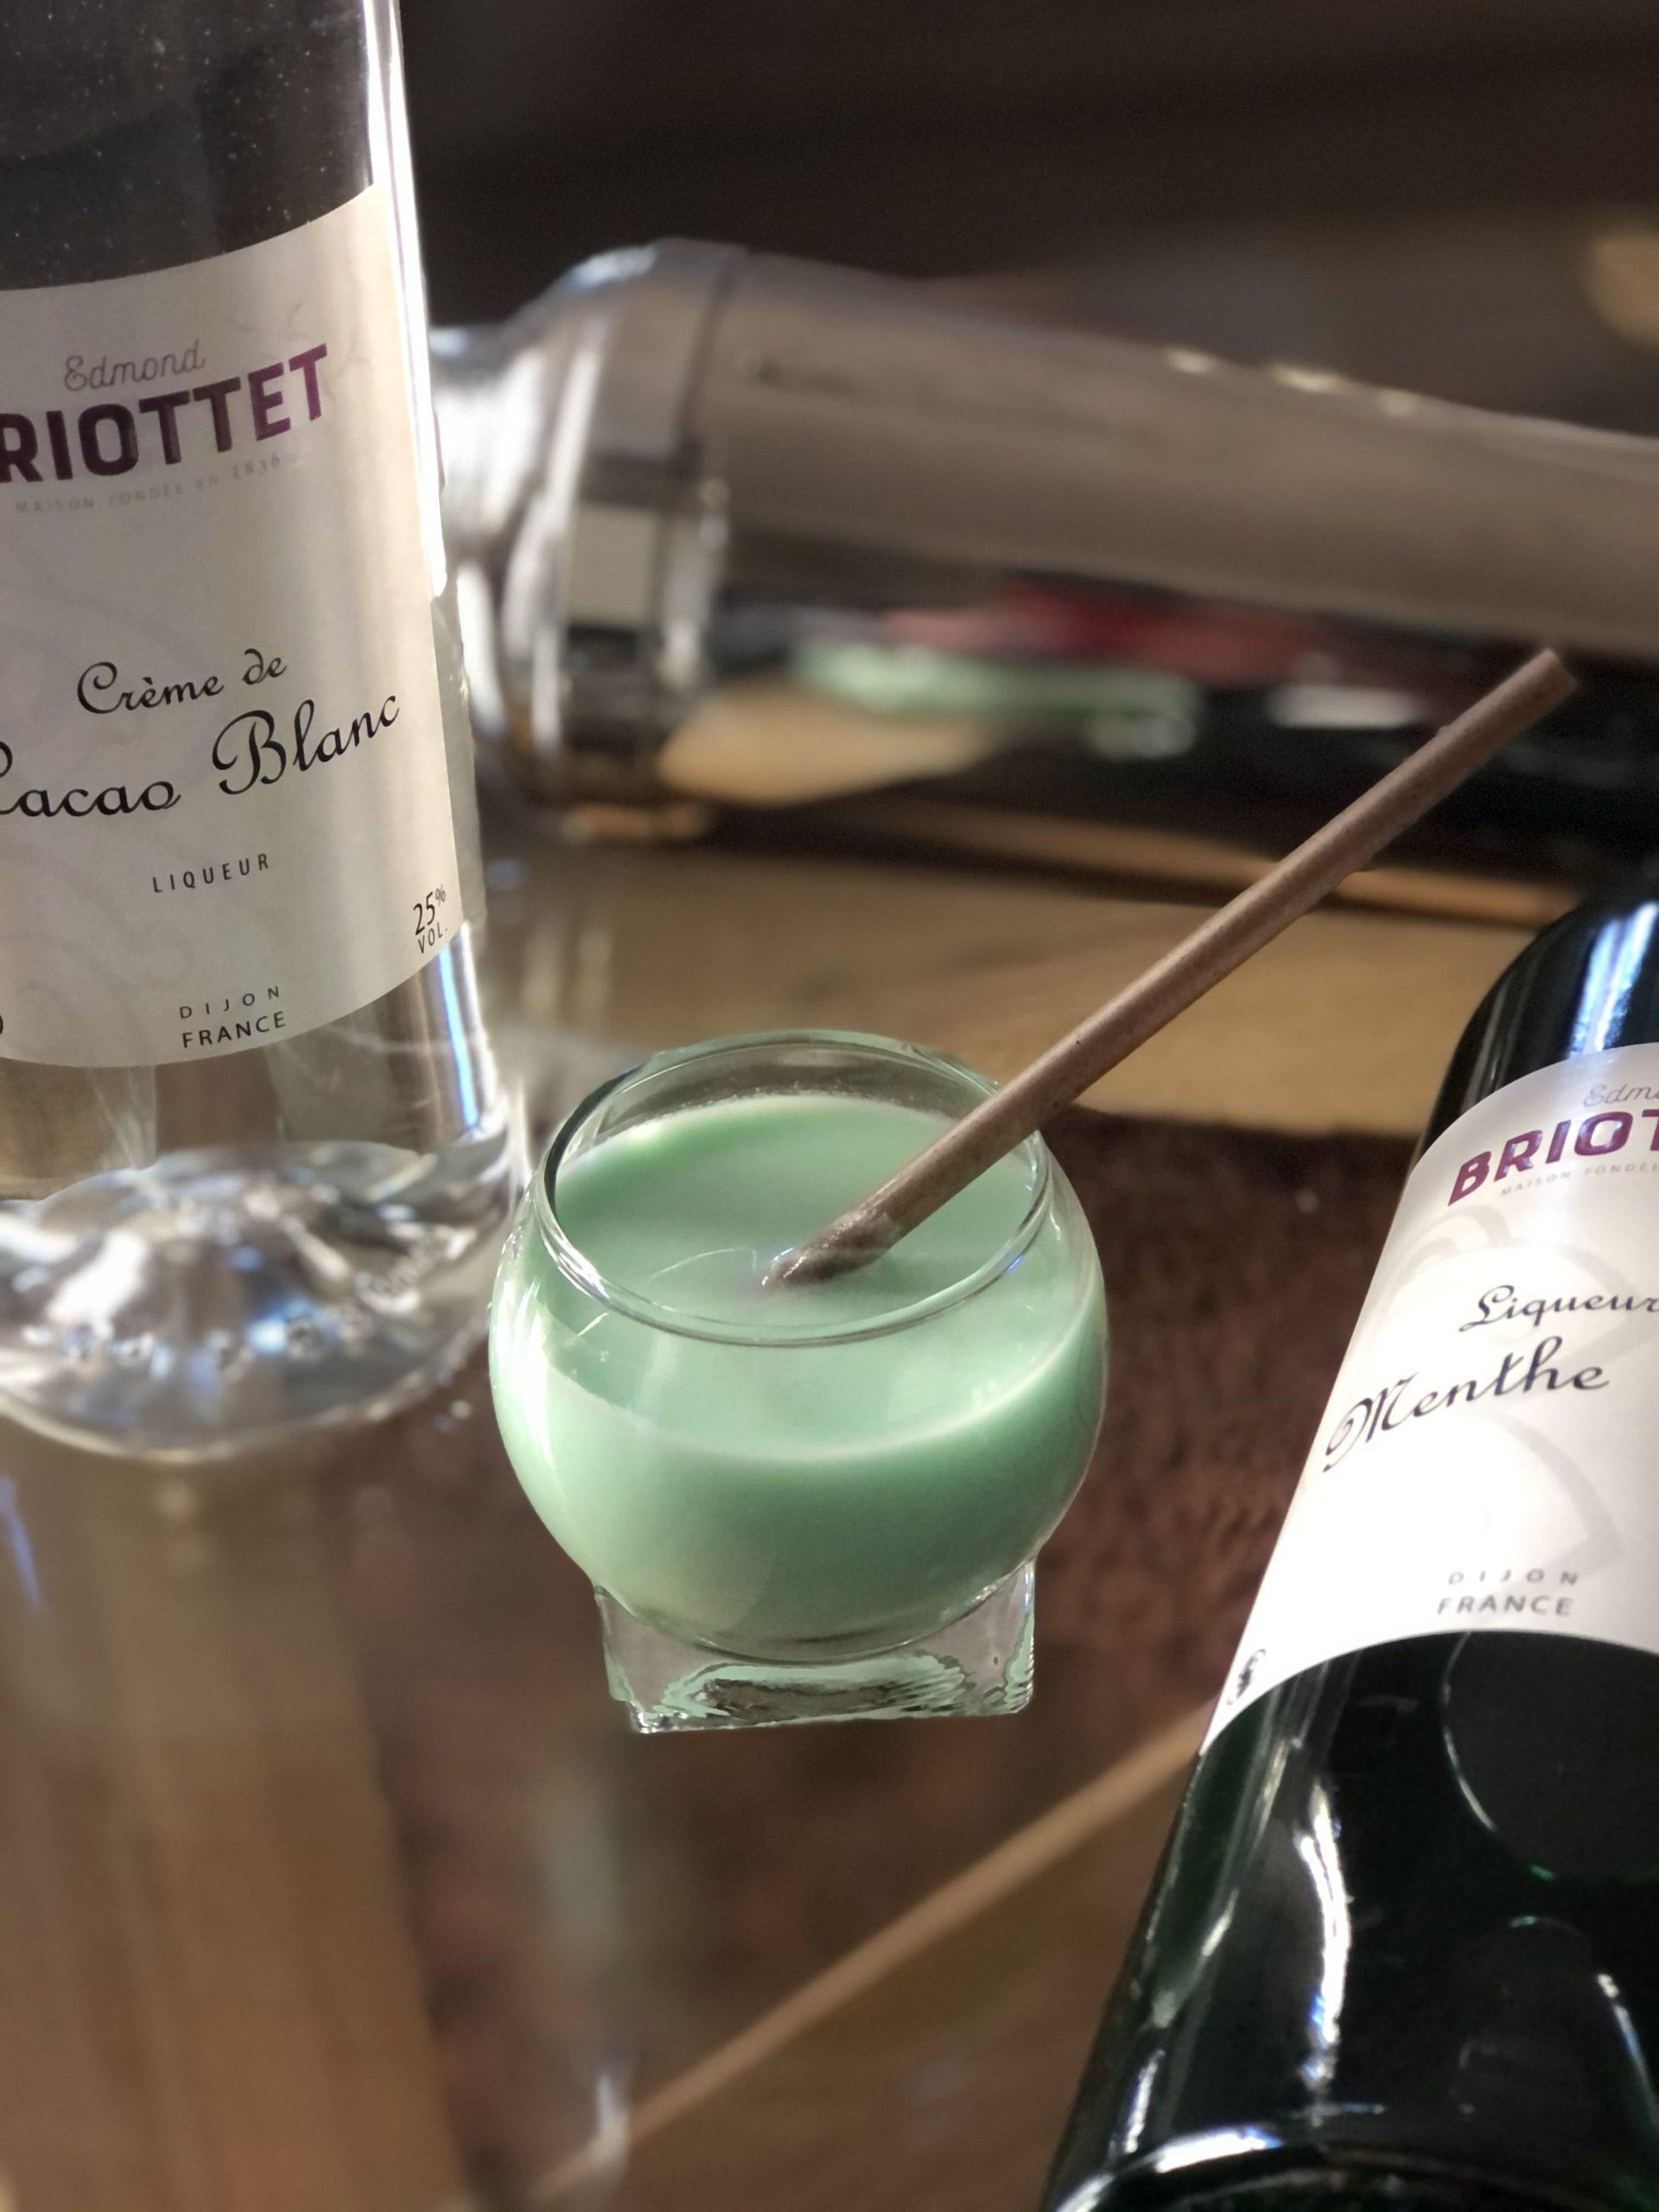 Grasshopper Liqueur de Menthe Briottet